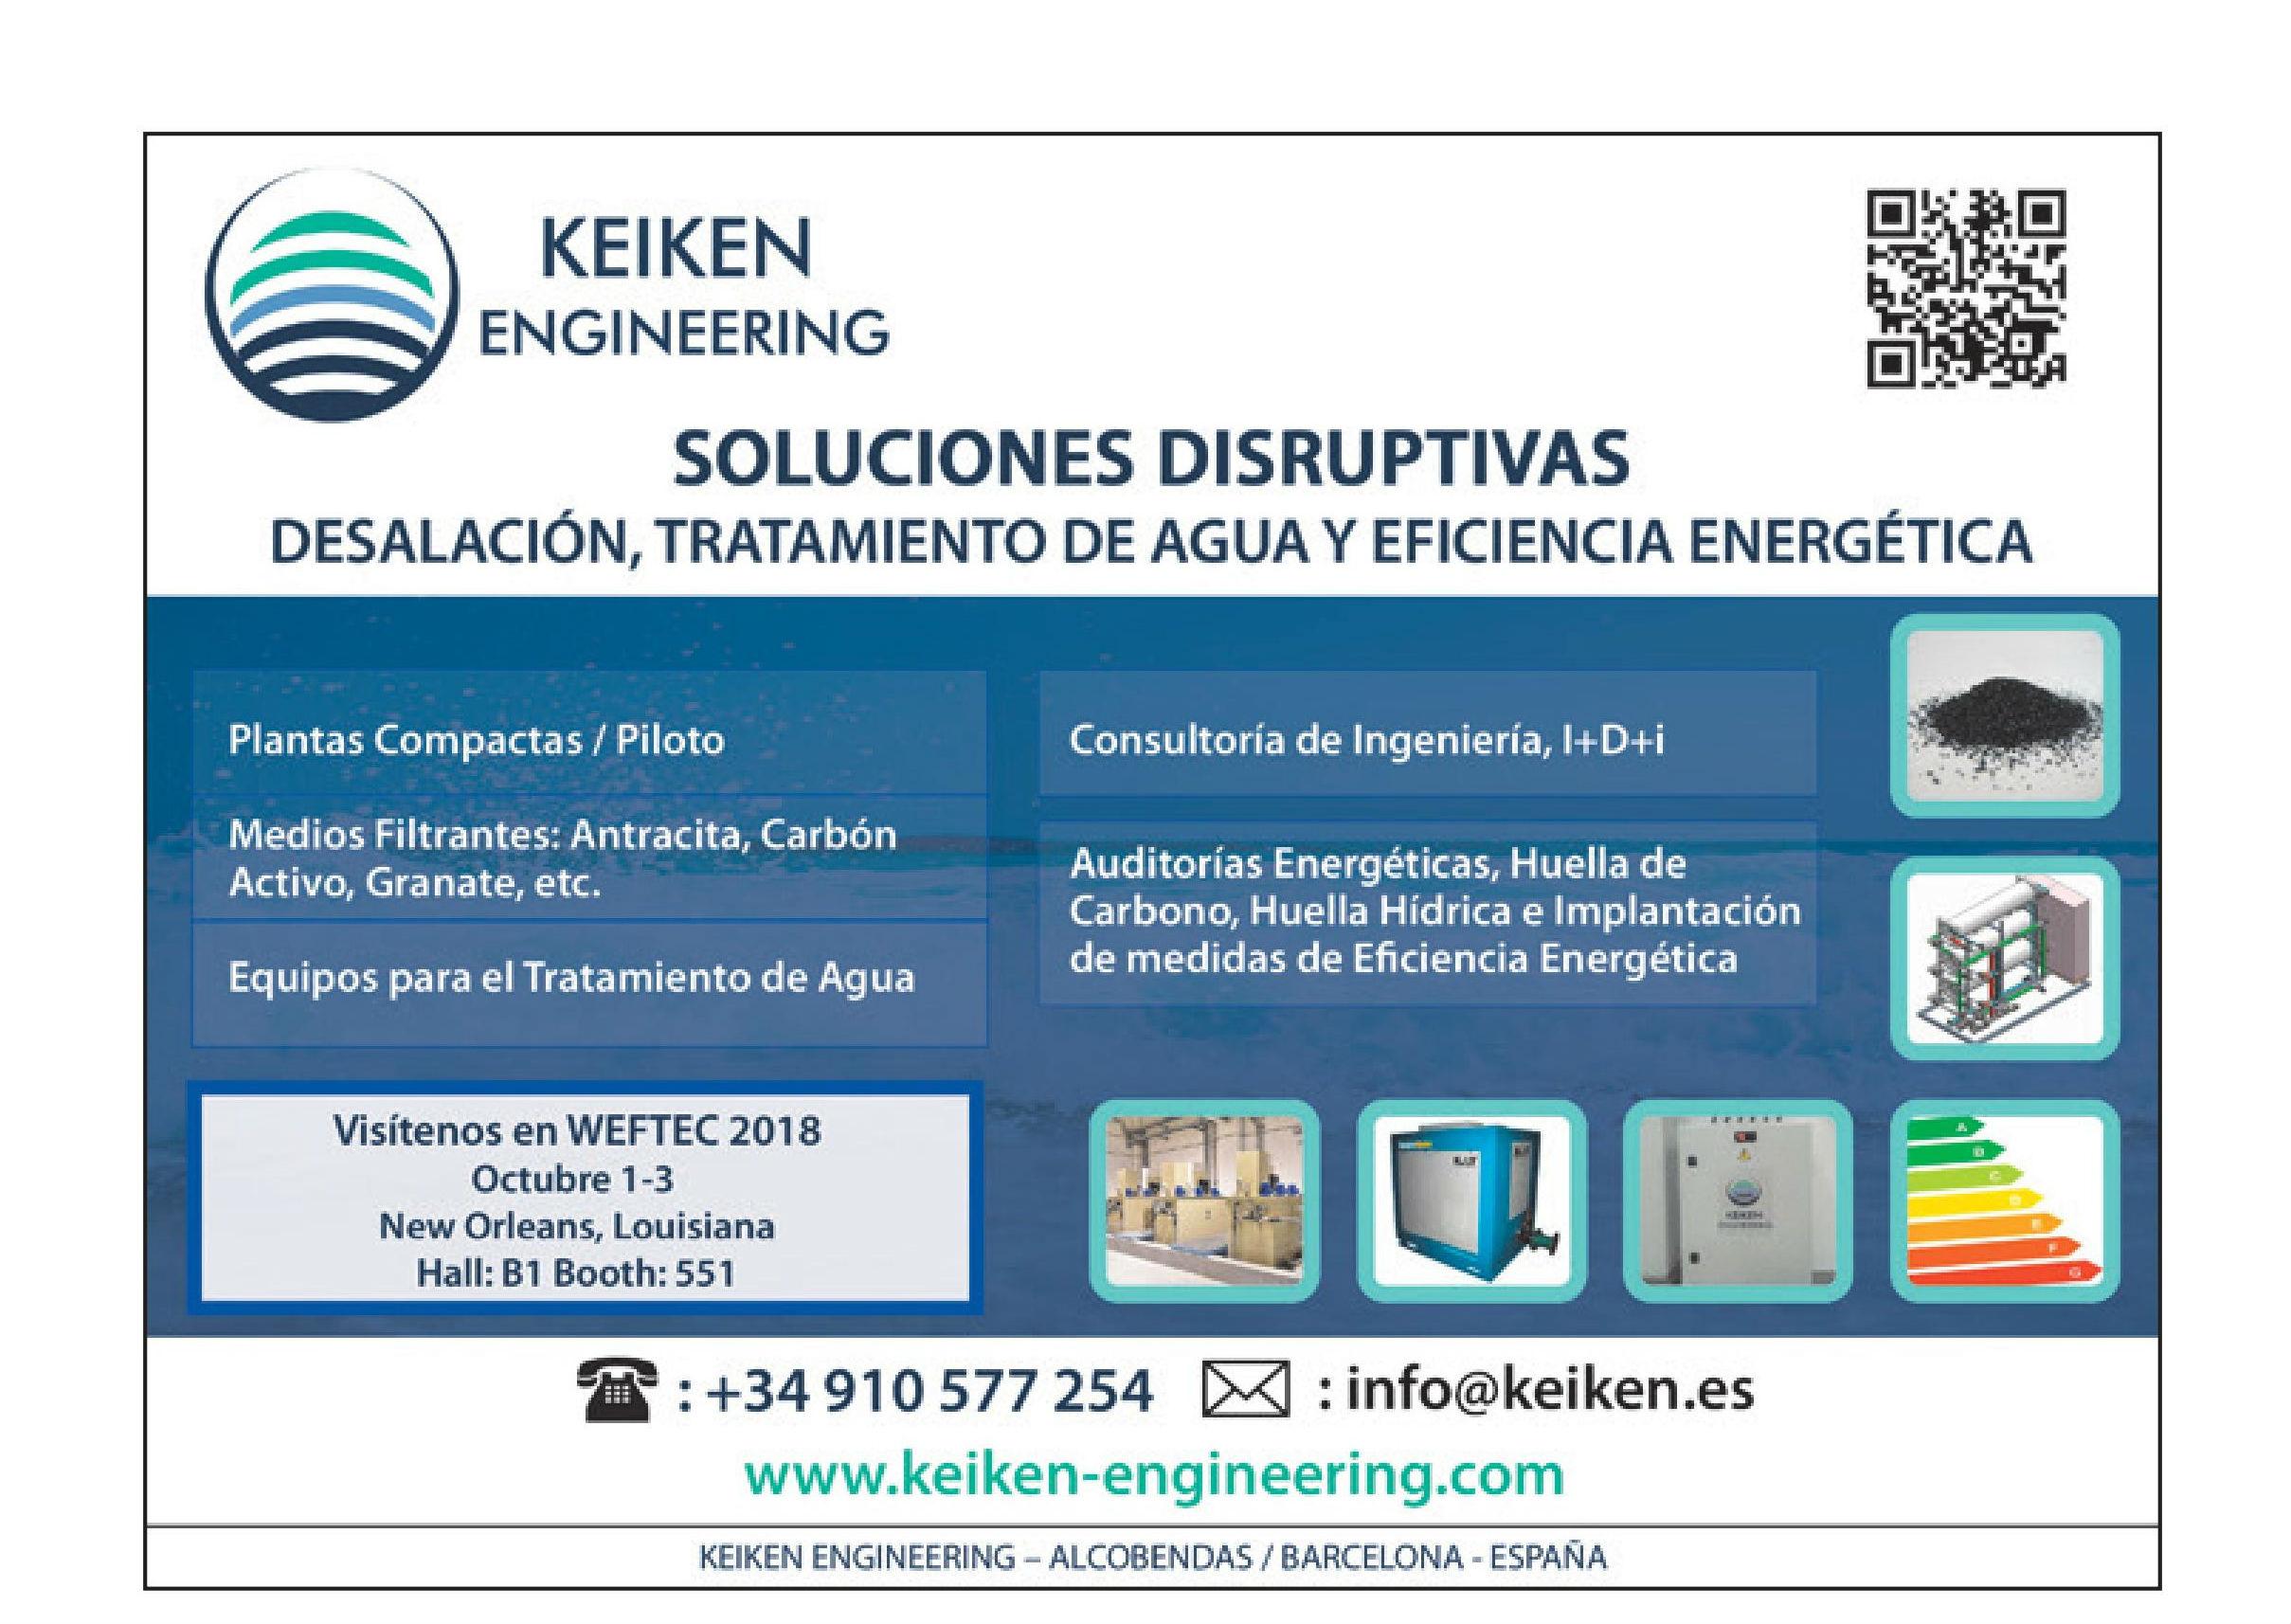 img-tecnologías-disruptivas-keiken-engineering